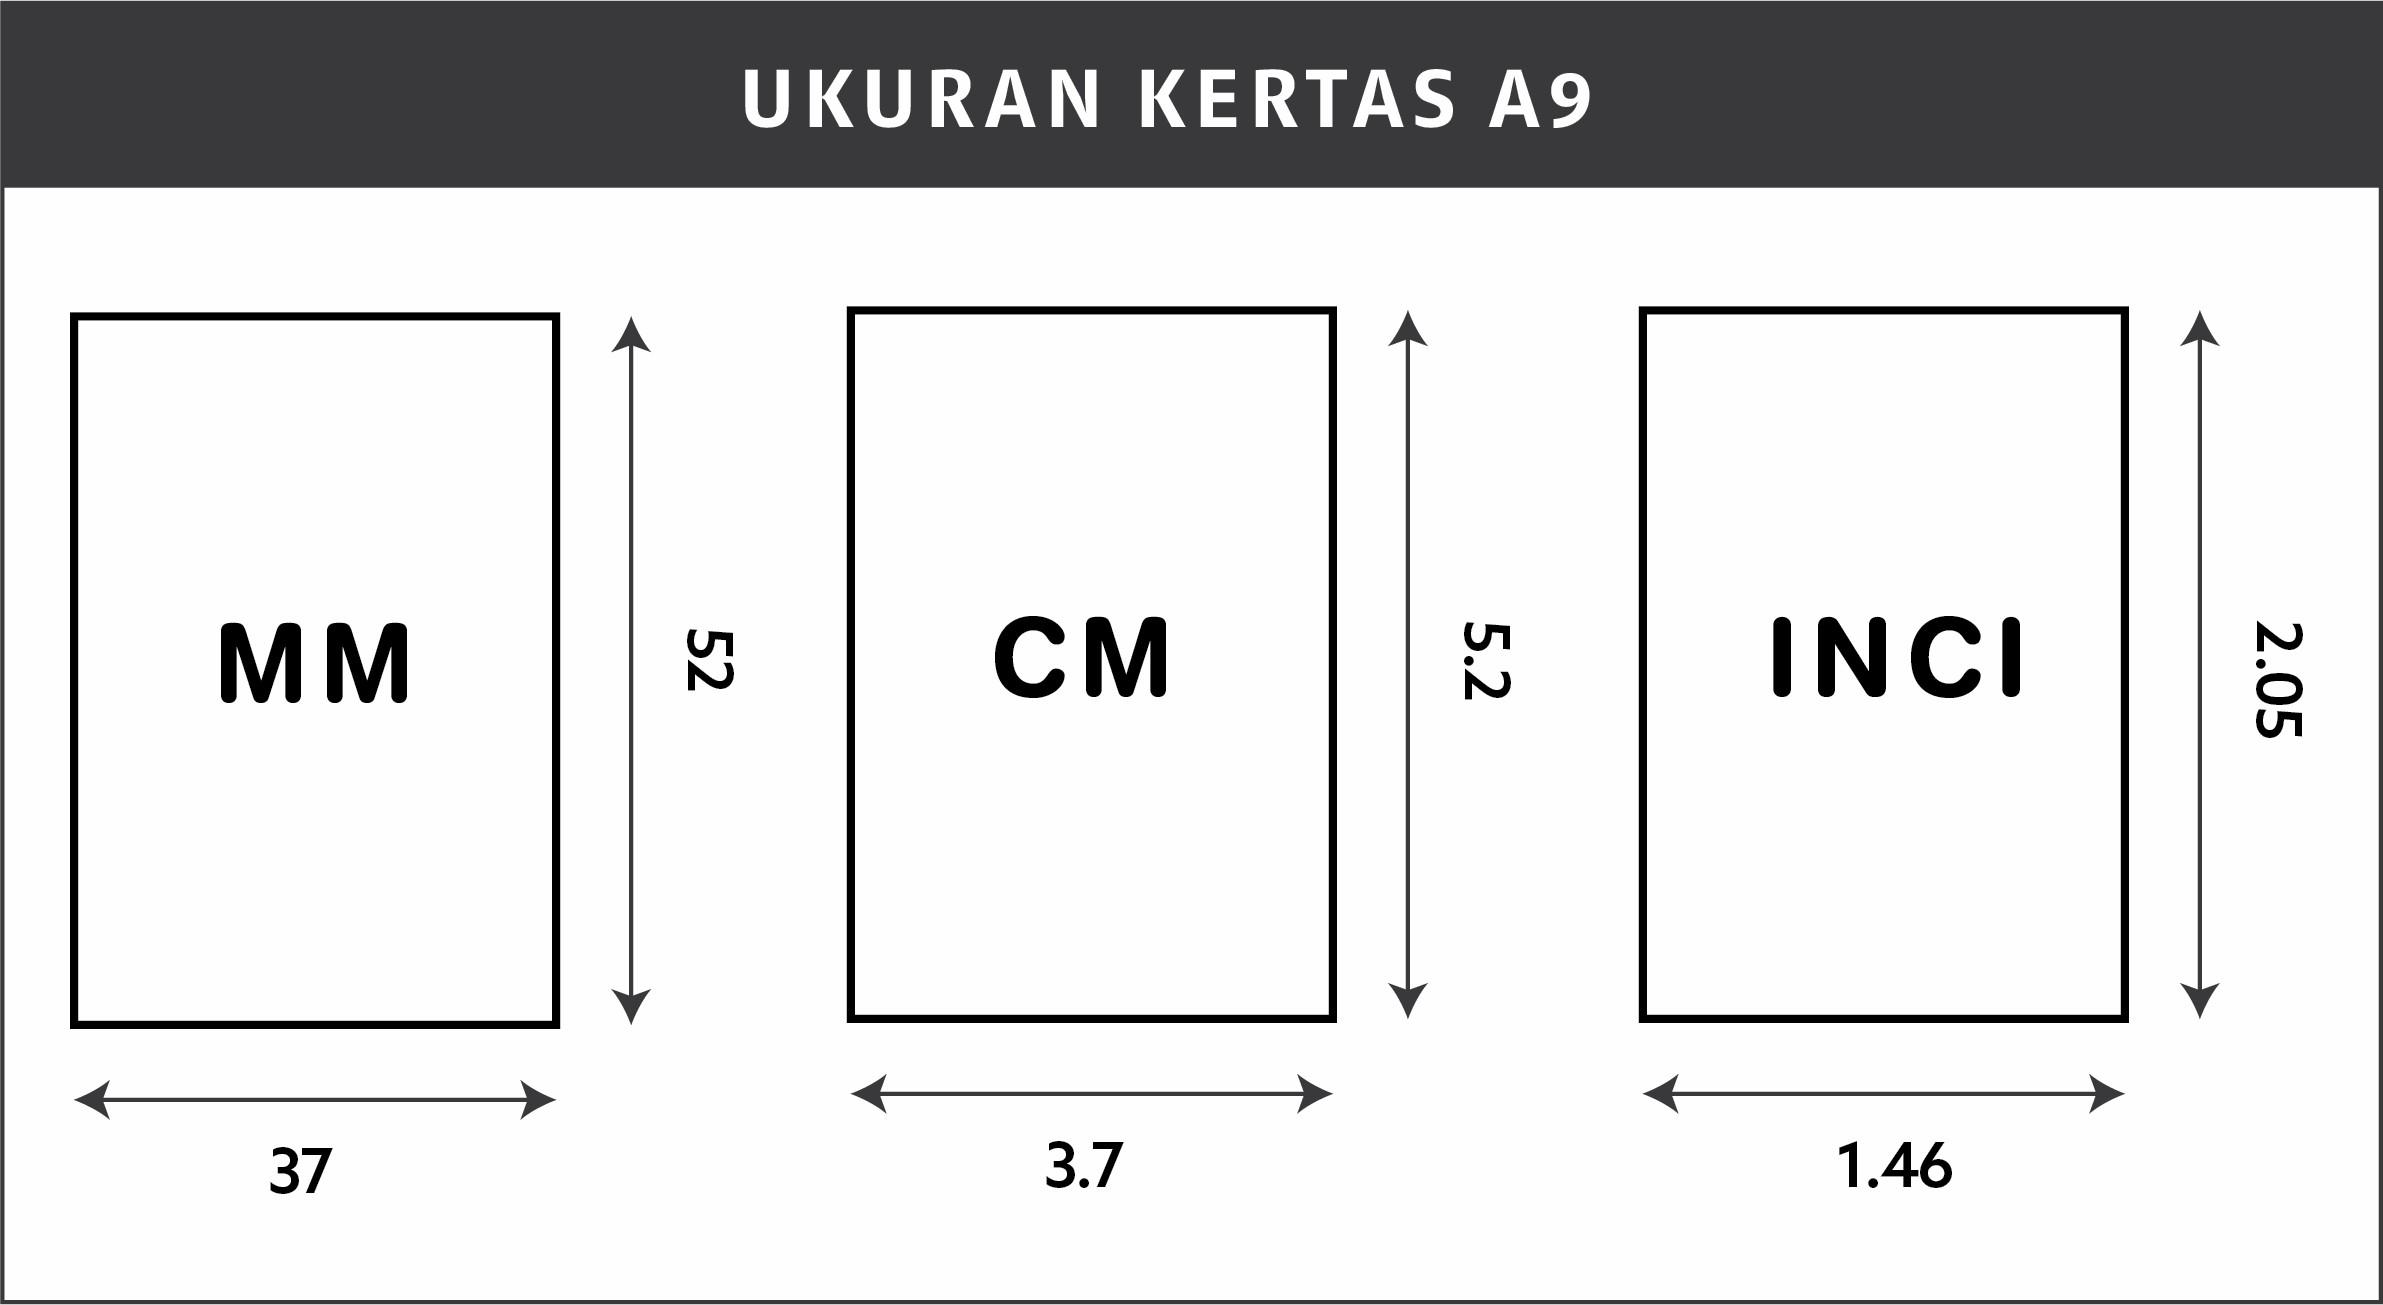 UKURAN KERTAS A9